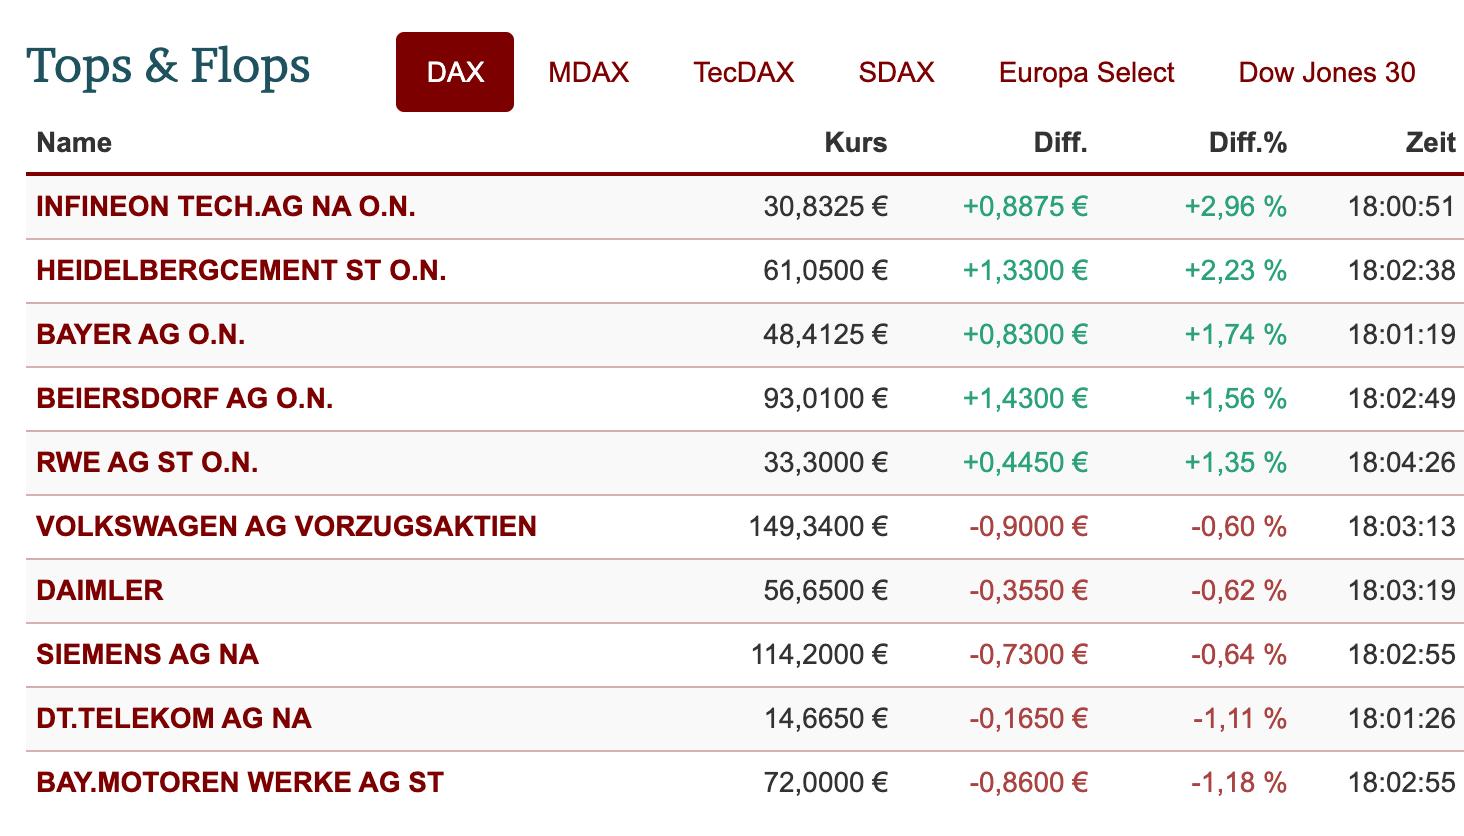 DAX-Ranking am Dienstag